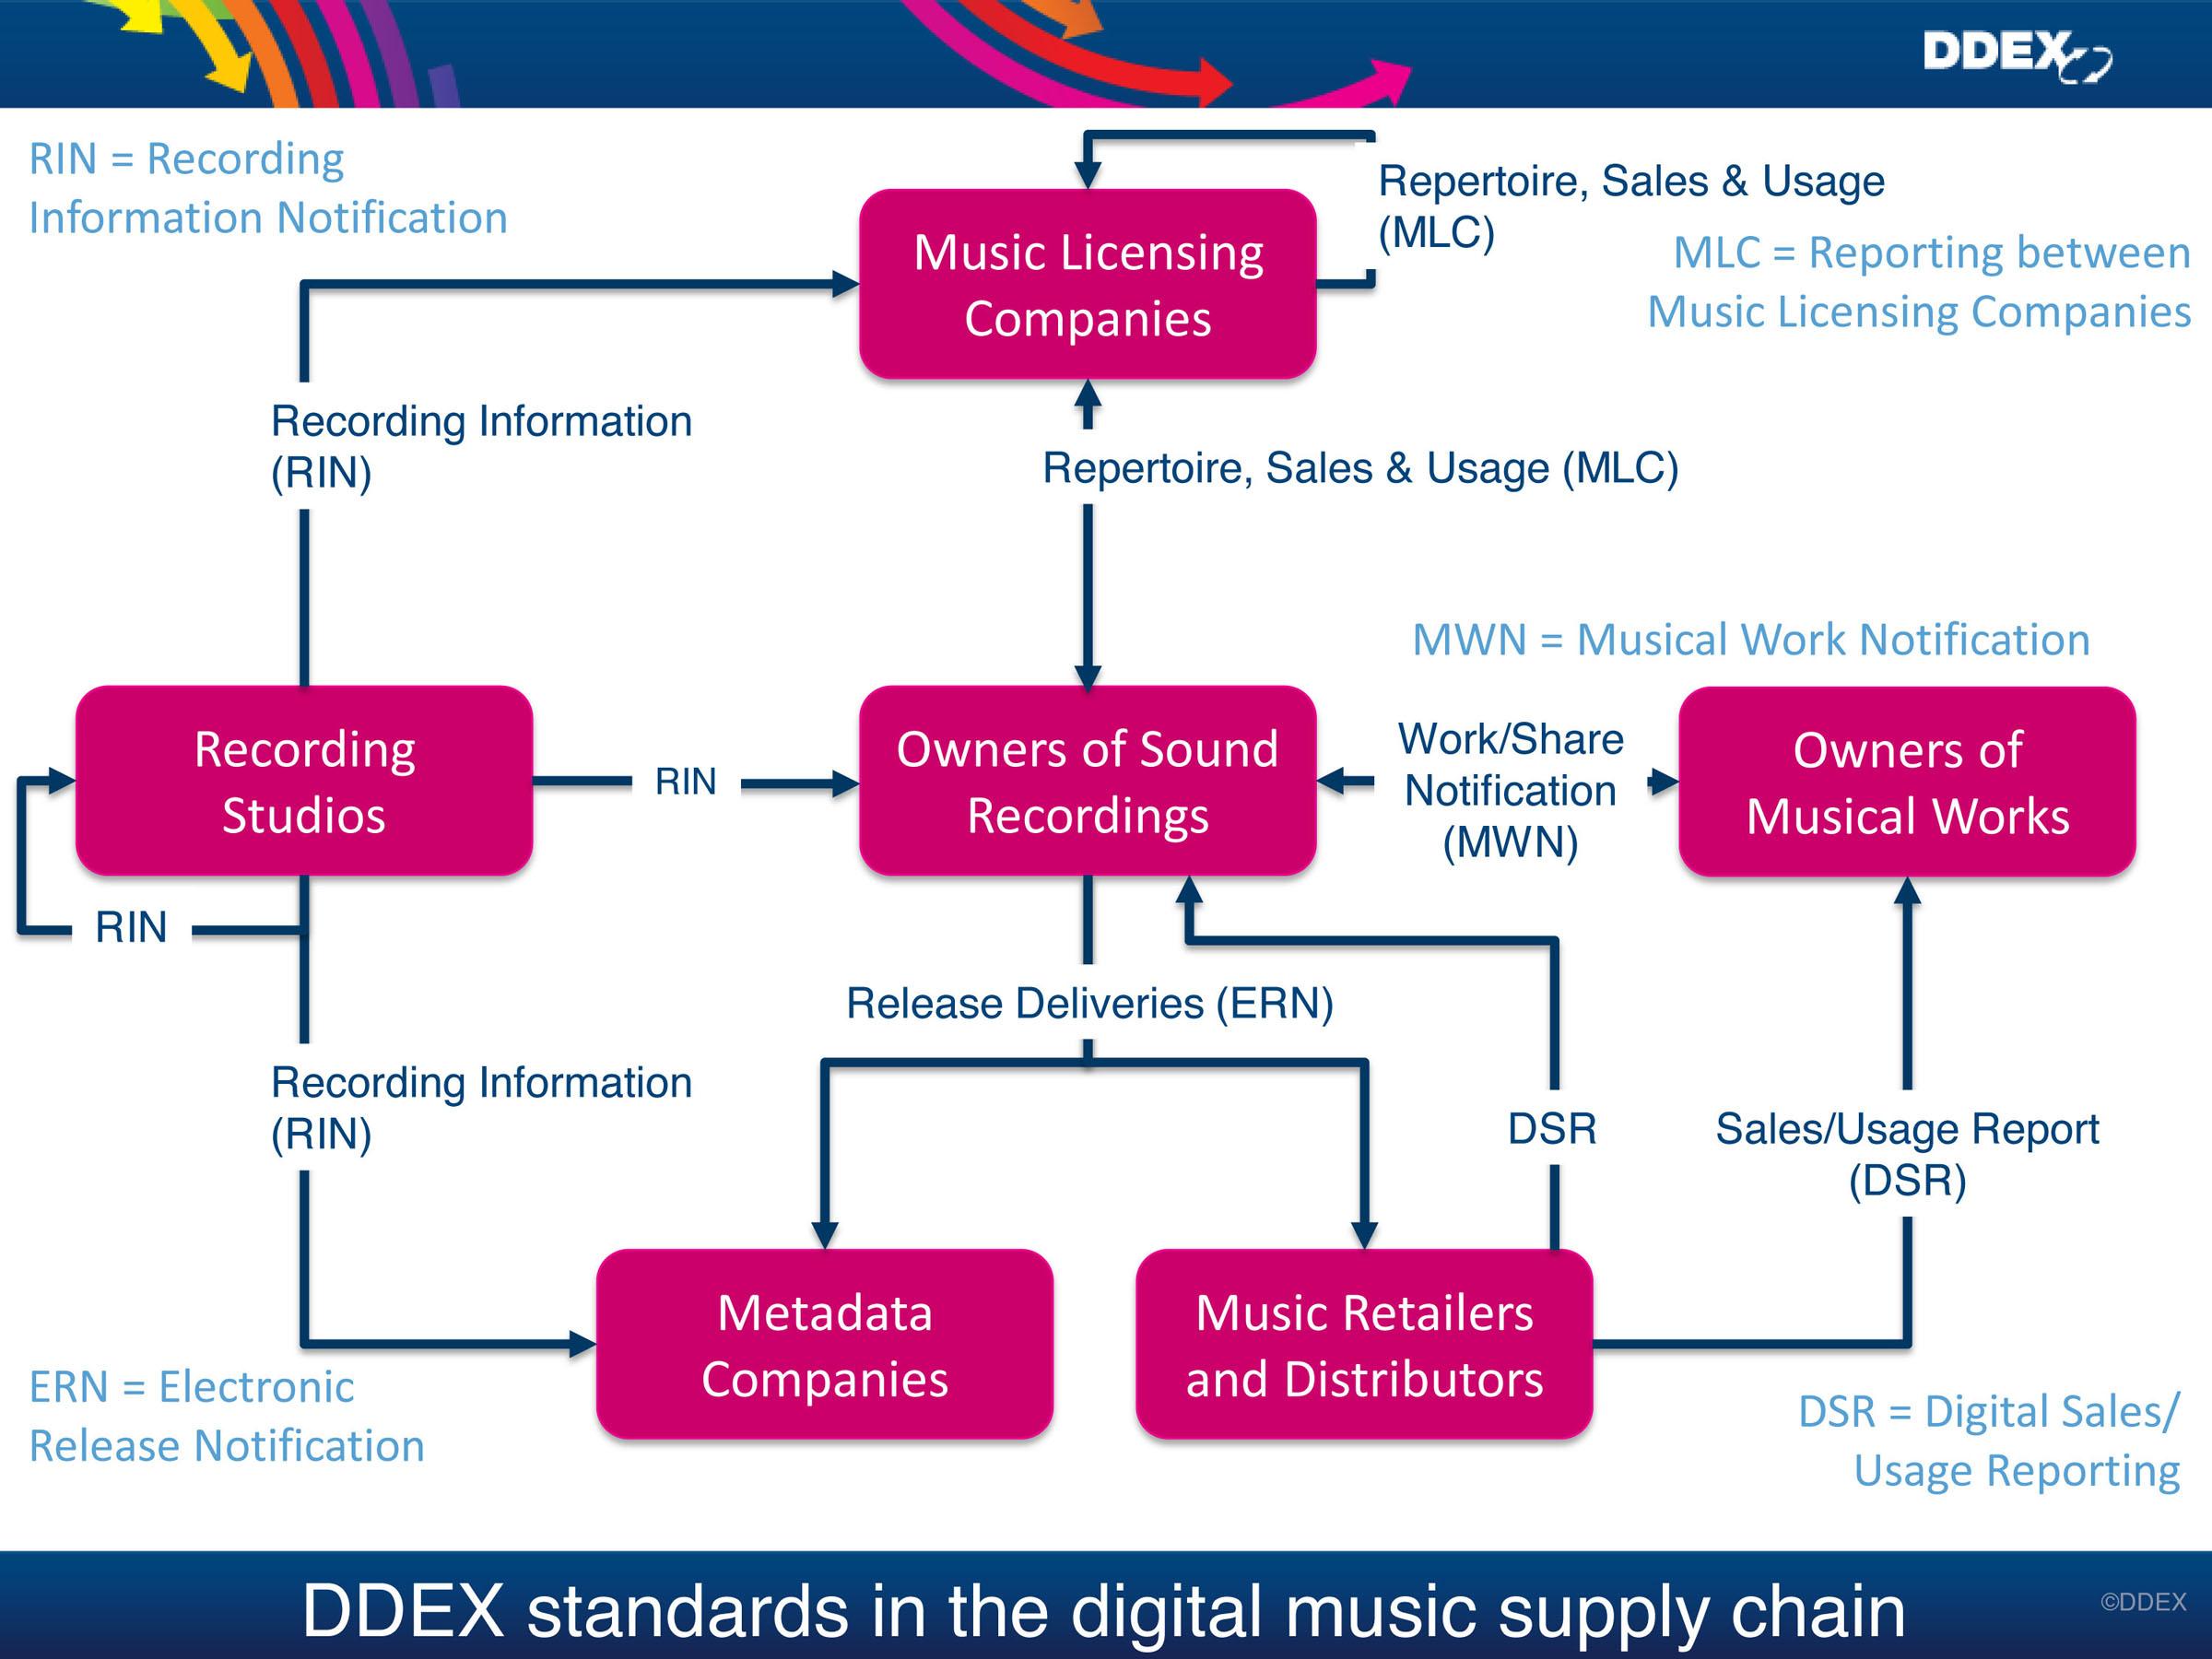 http://clynemedia.com/Recording_Academy/DDEX/DDEX_Digital_Music_Supply_Chain_EN.jpg